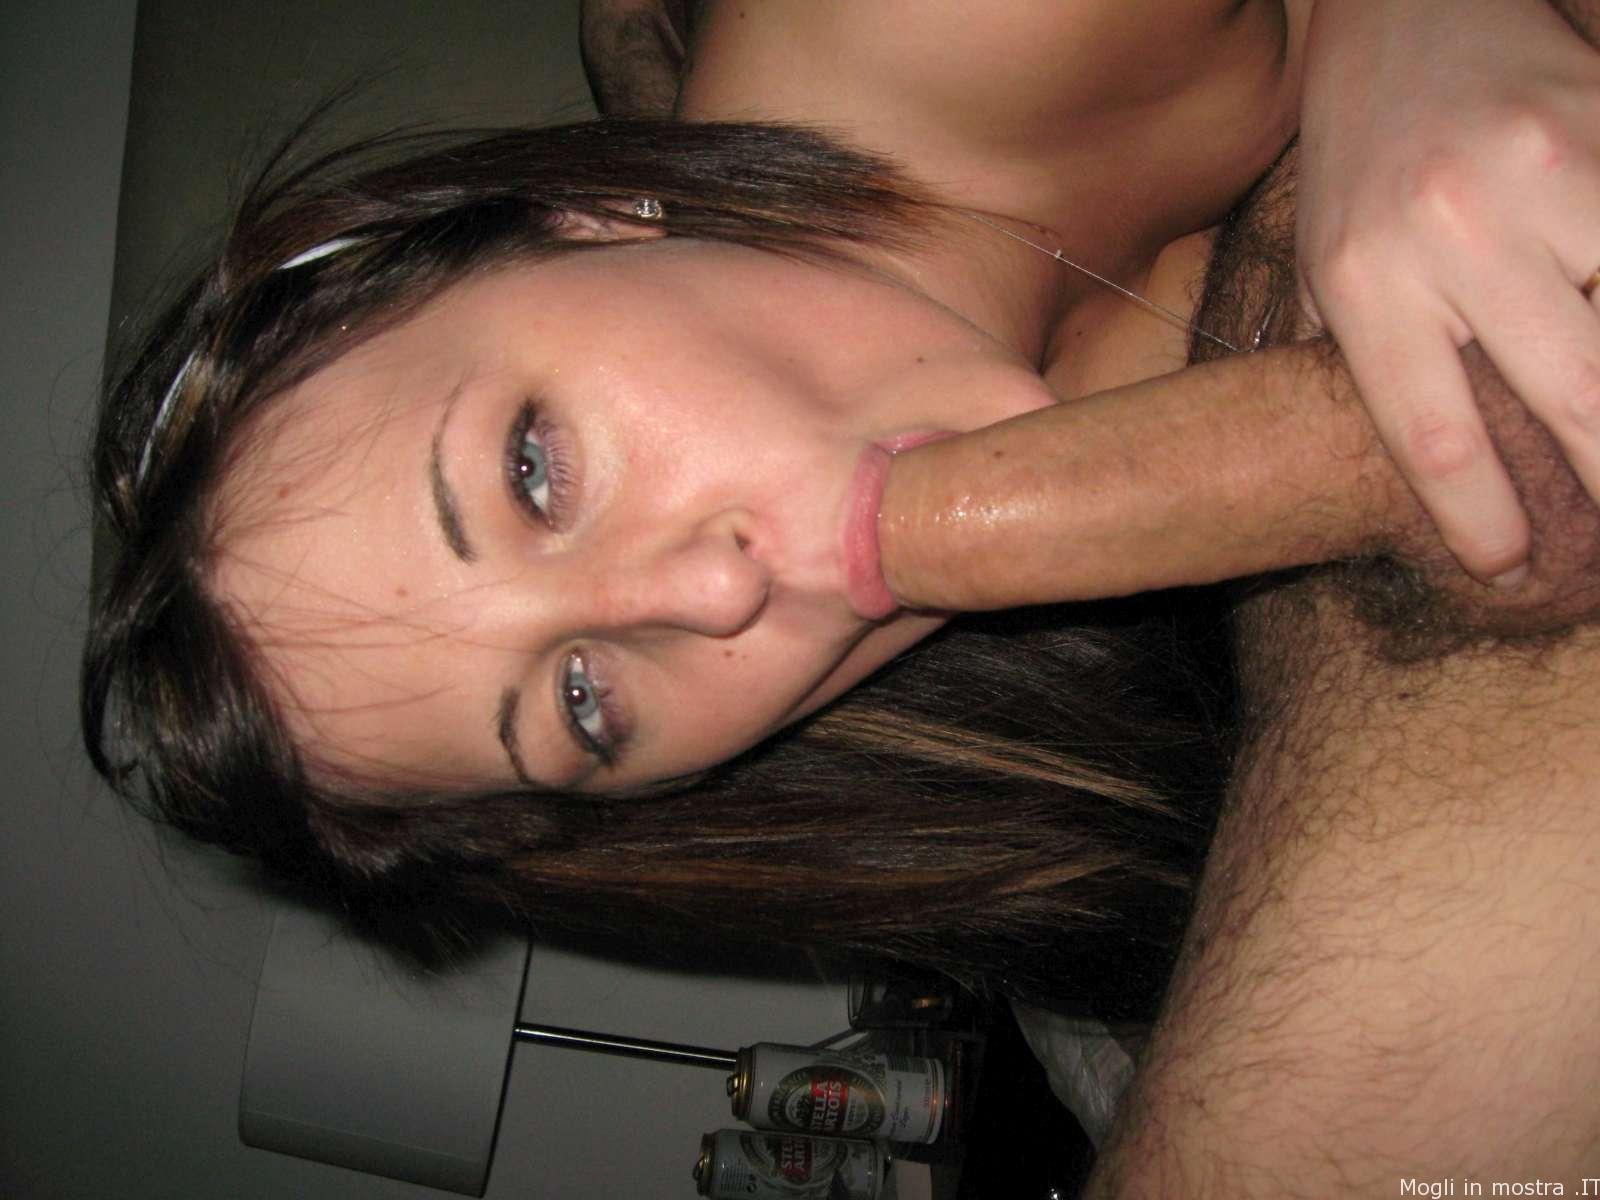 Elisa-vera-porca-con-il-fidanzato-facciamo-scambio-coppie-0004